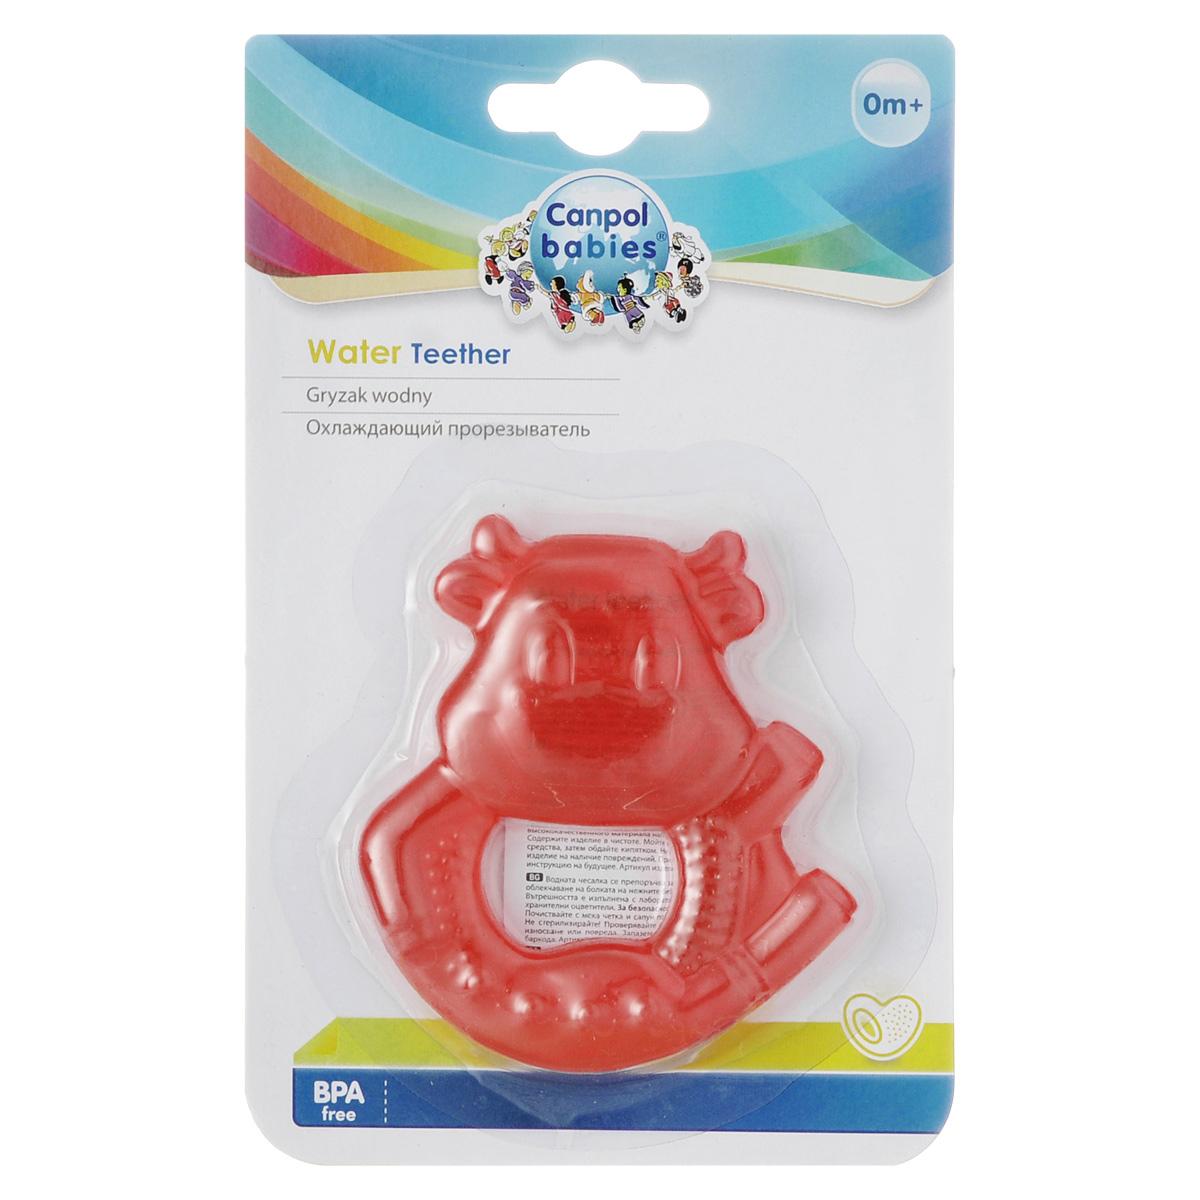 Прорезыватель Canpol Babies Коровка, охлаждающий, цвет: красный